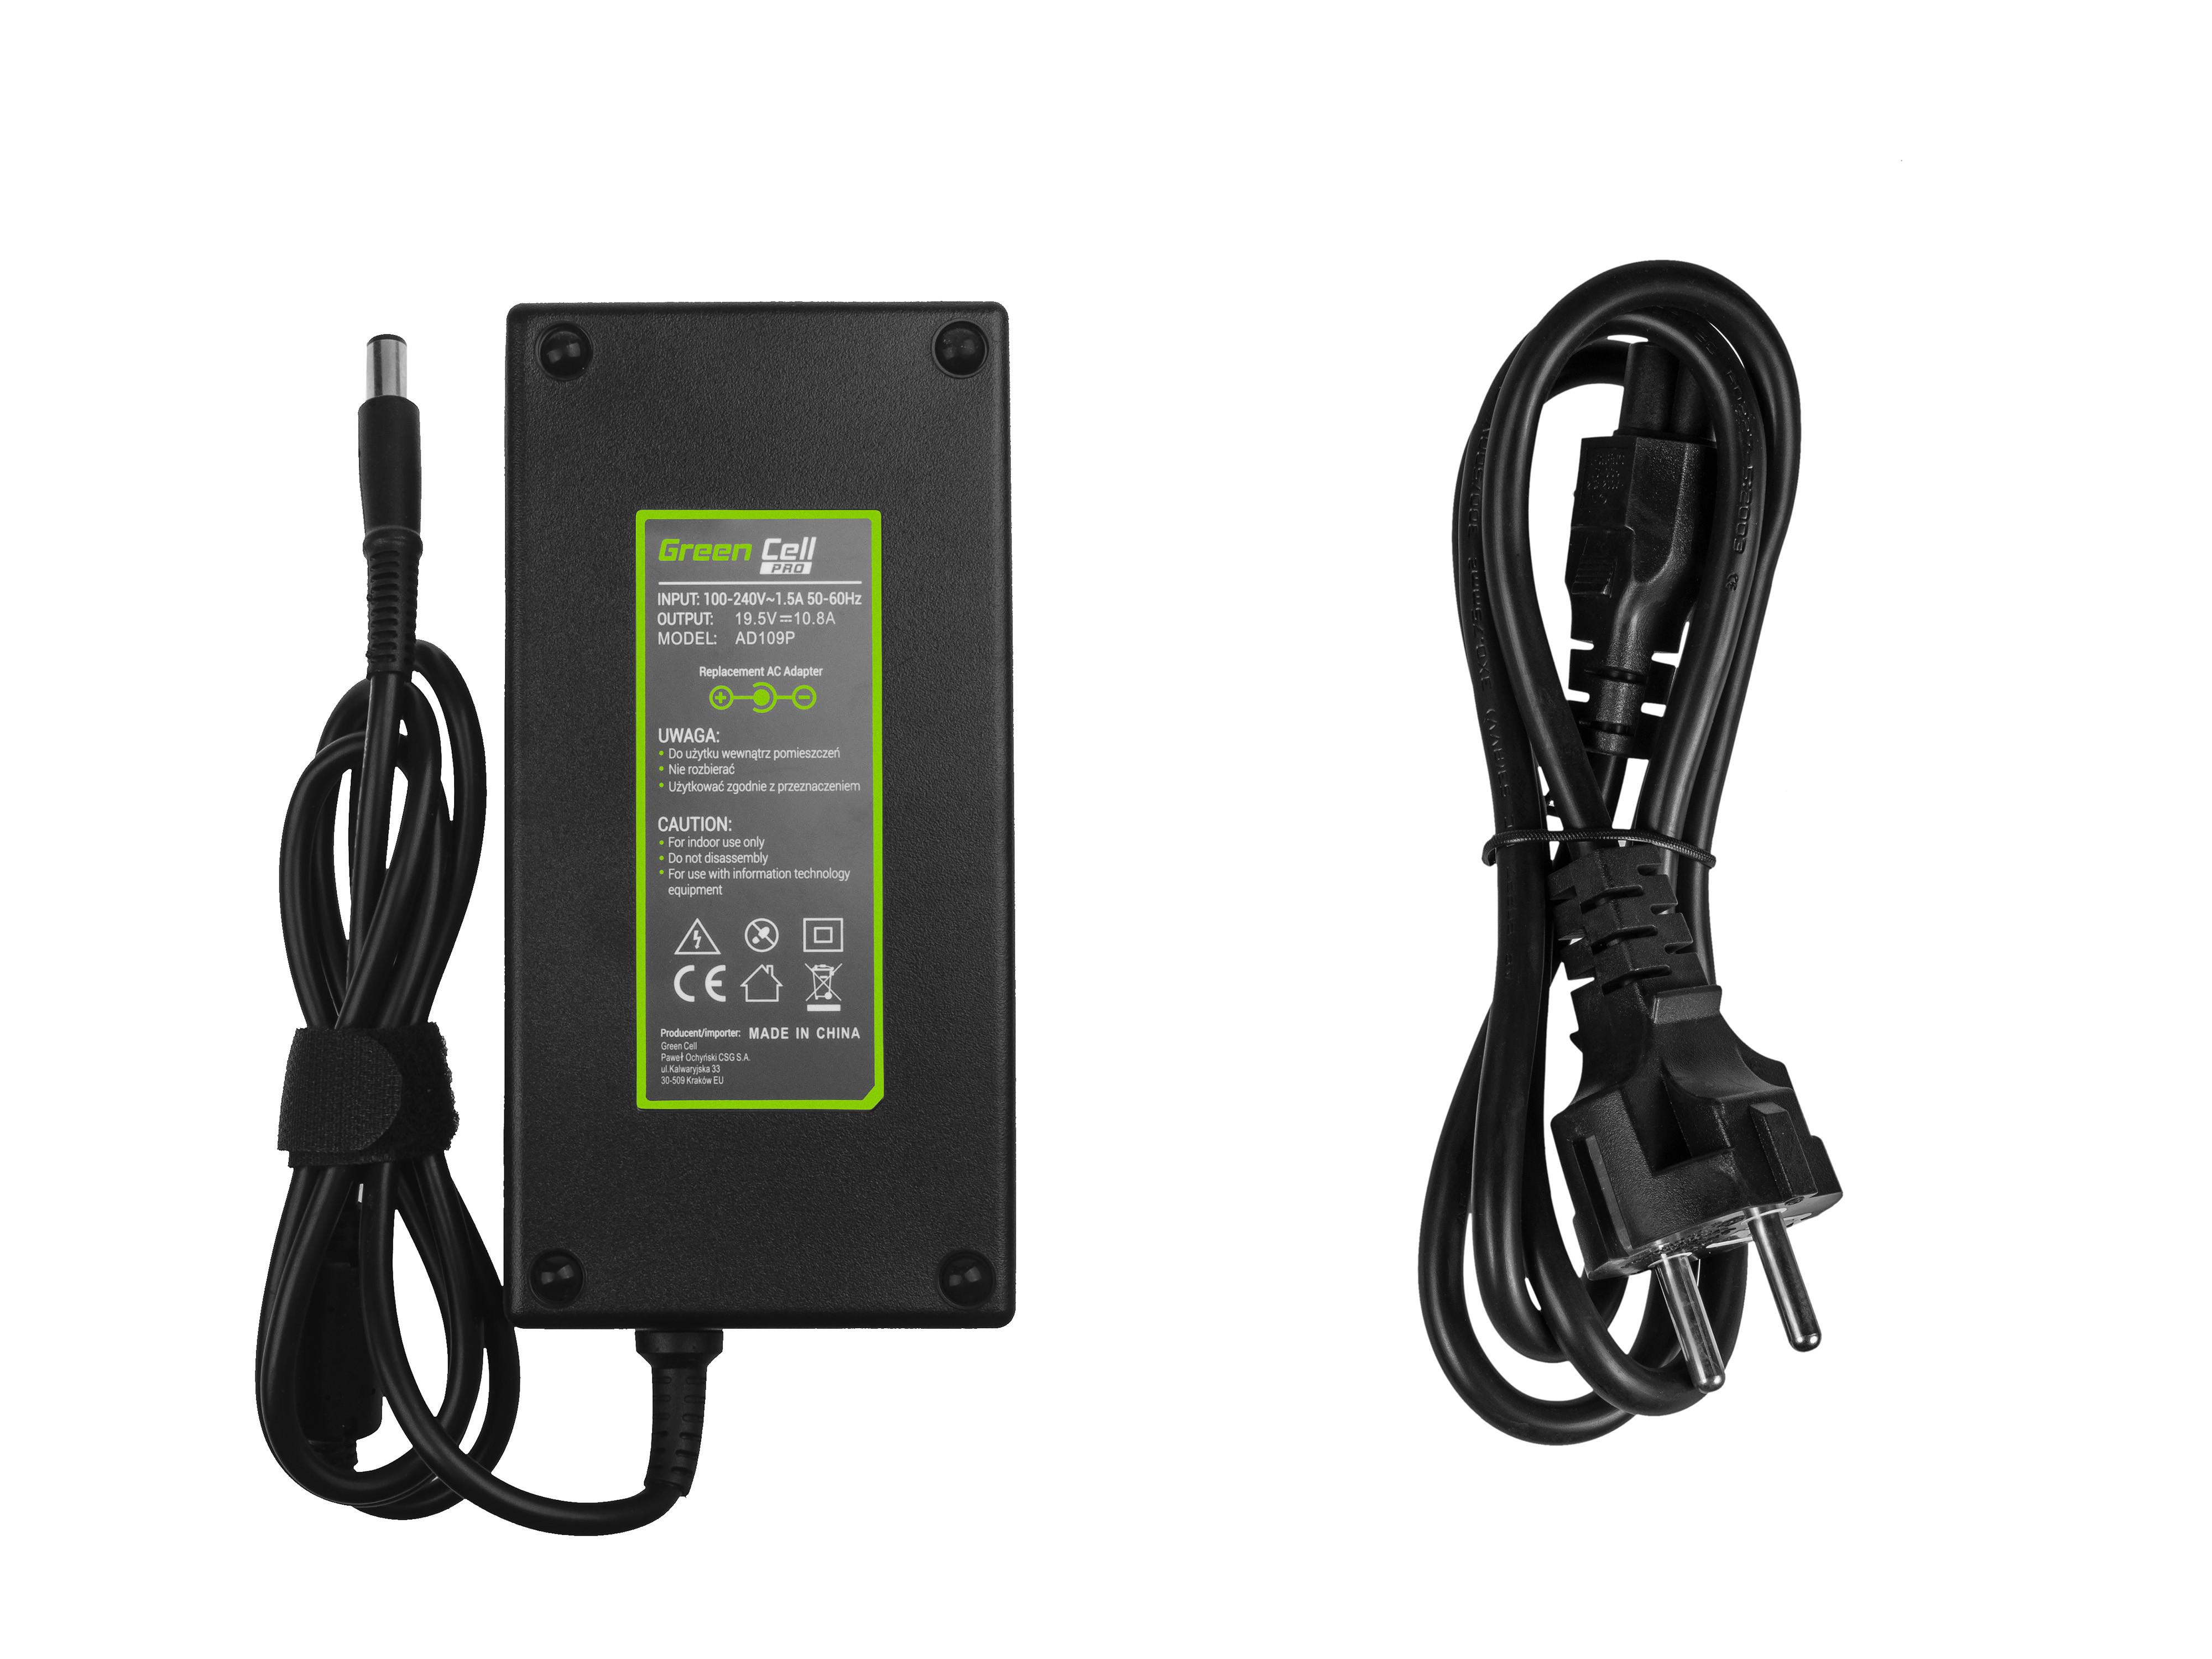 Green Cell AD109P Adaptér Nabíječka Dell Precision M4600 M4700 M6600 M6700 Dell Alienware 17 M17x 19.5V 10.8A 210W